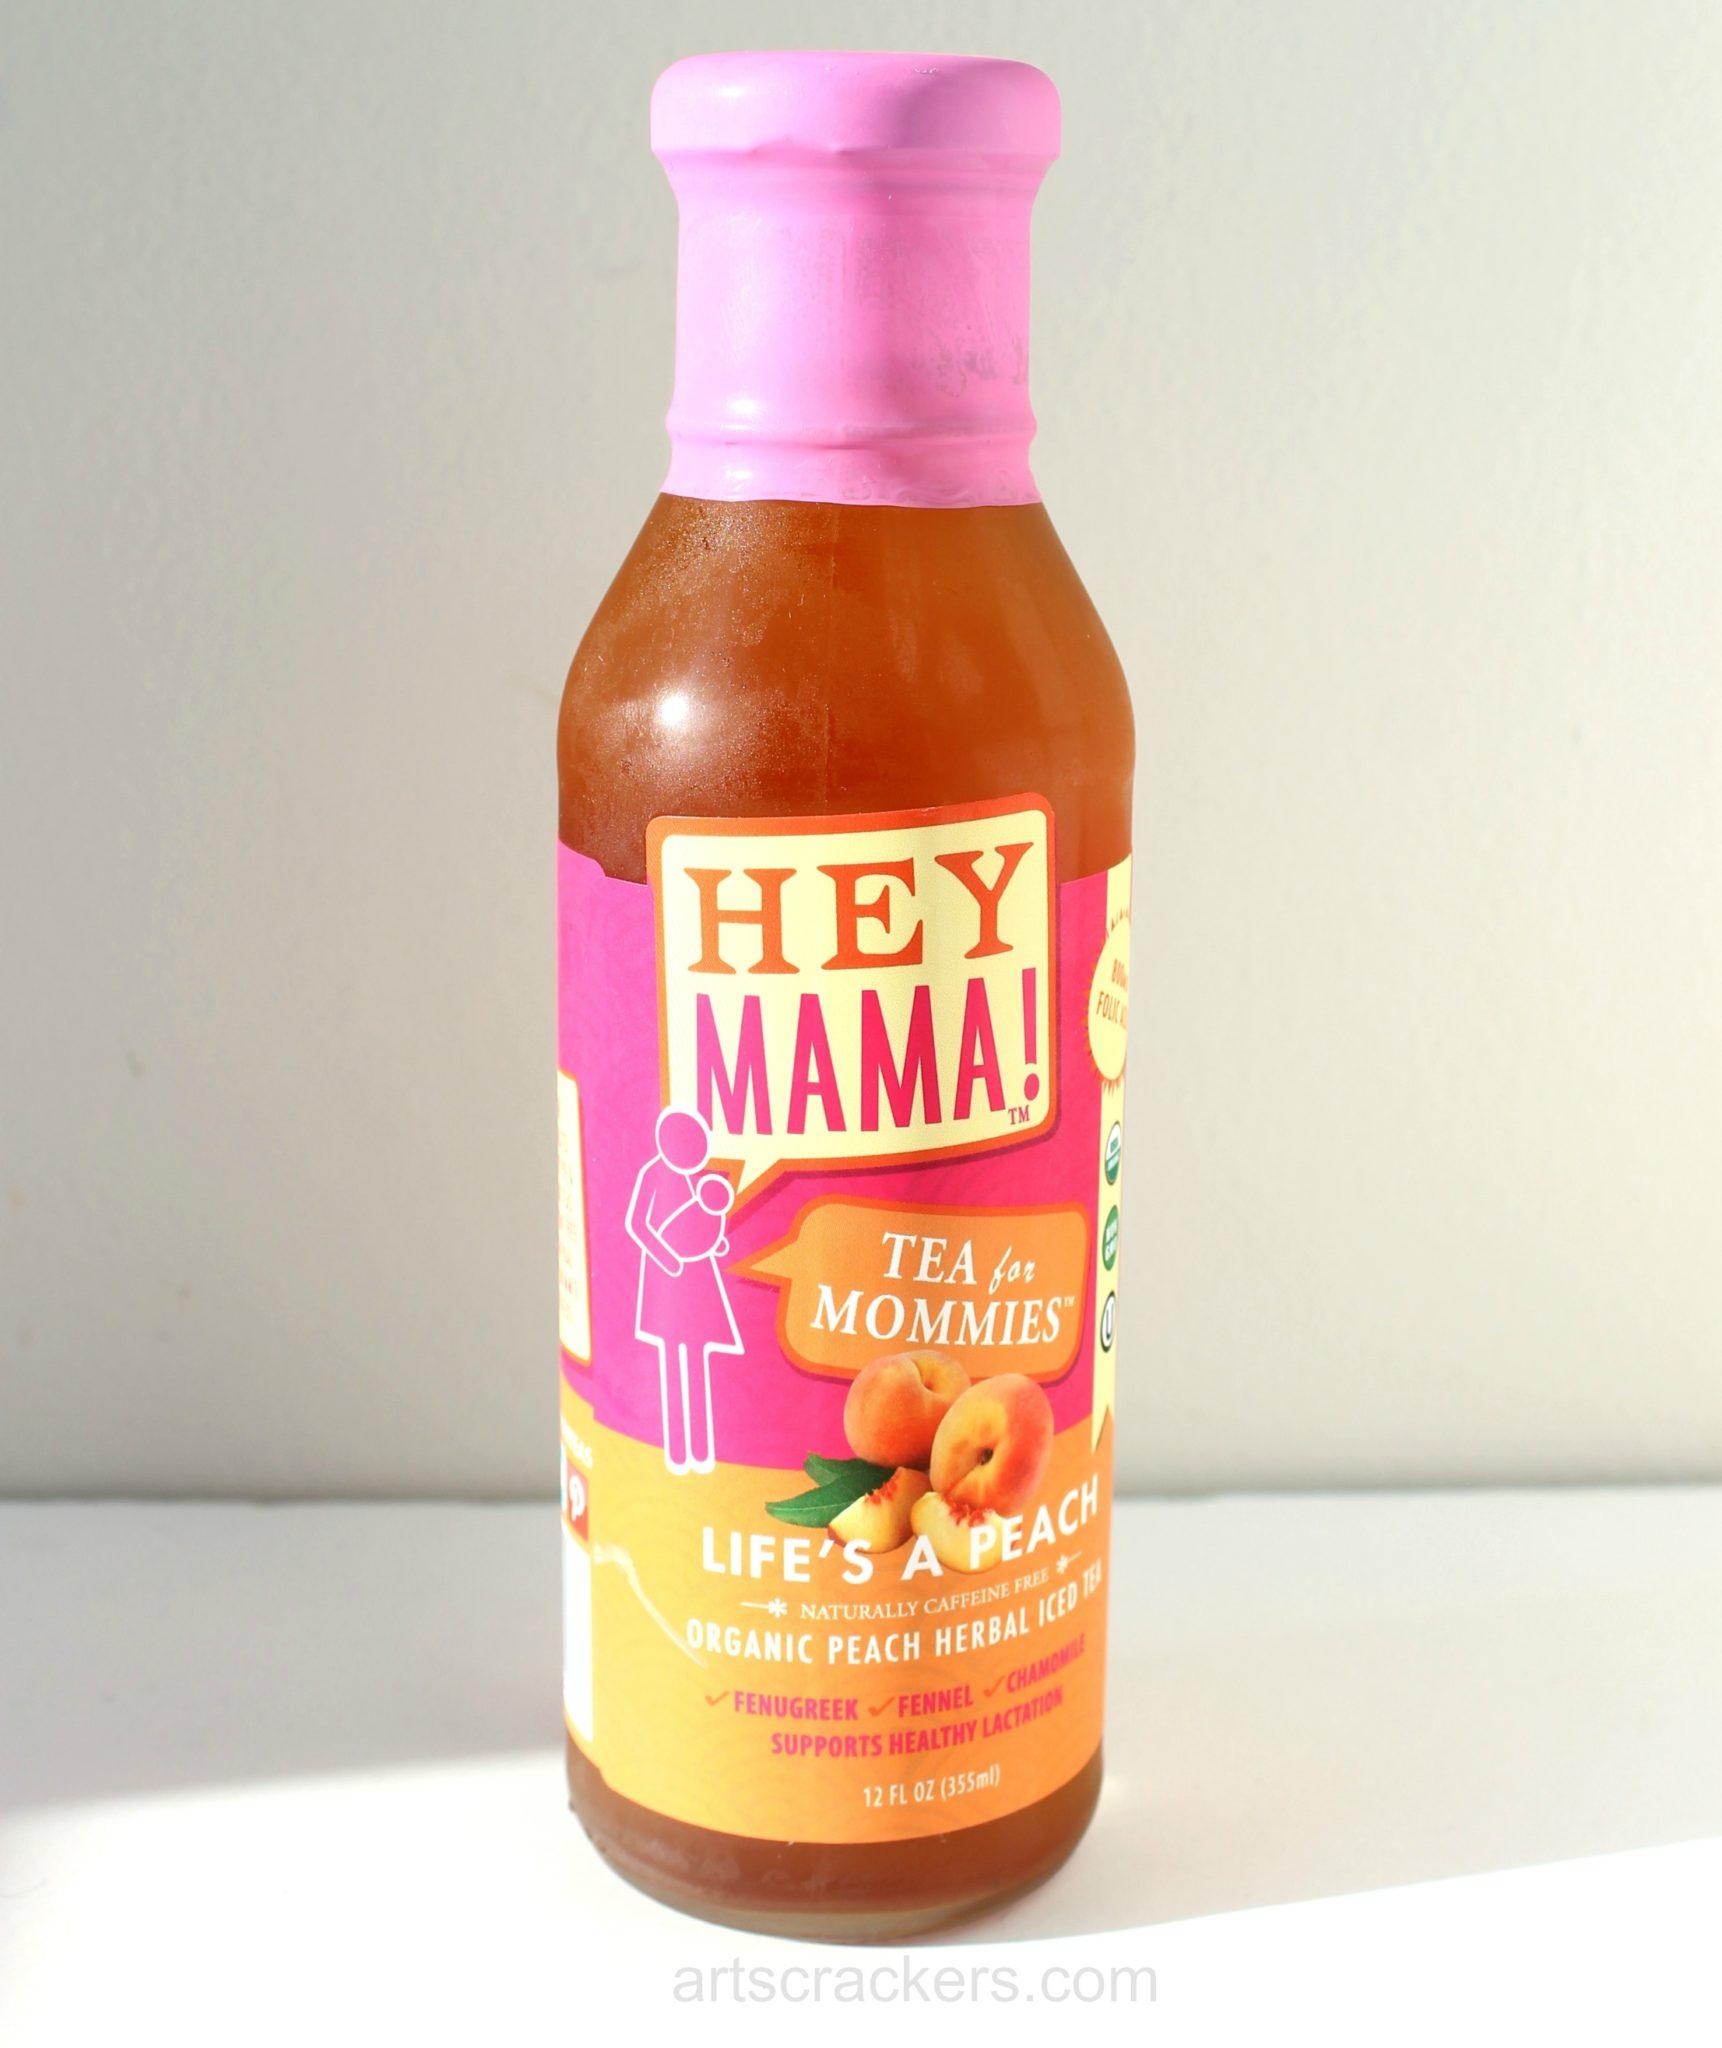 Hey Mama Teas Lifes a Peach